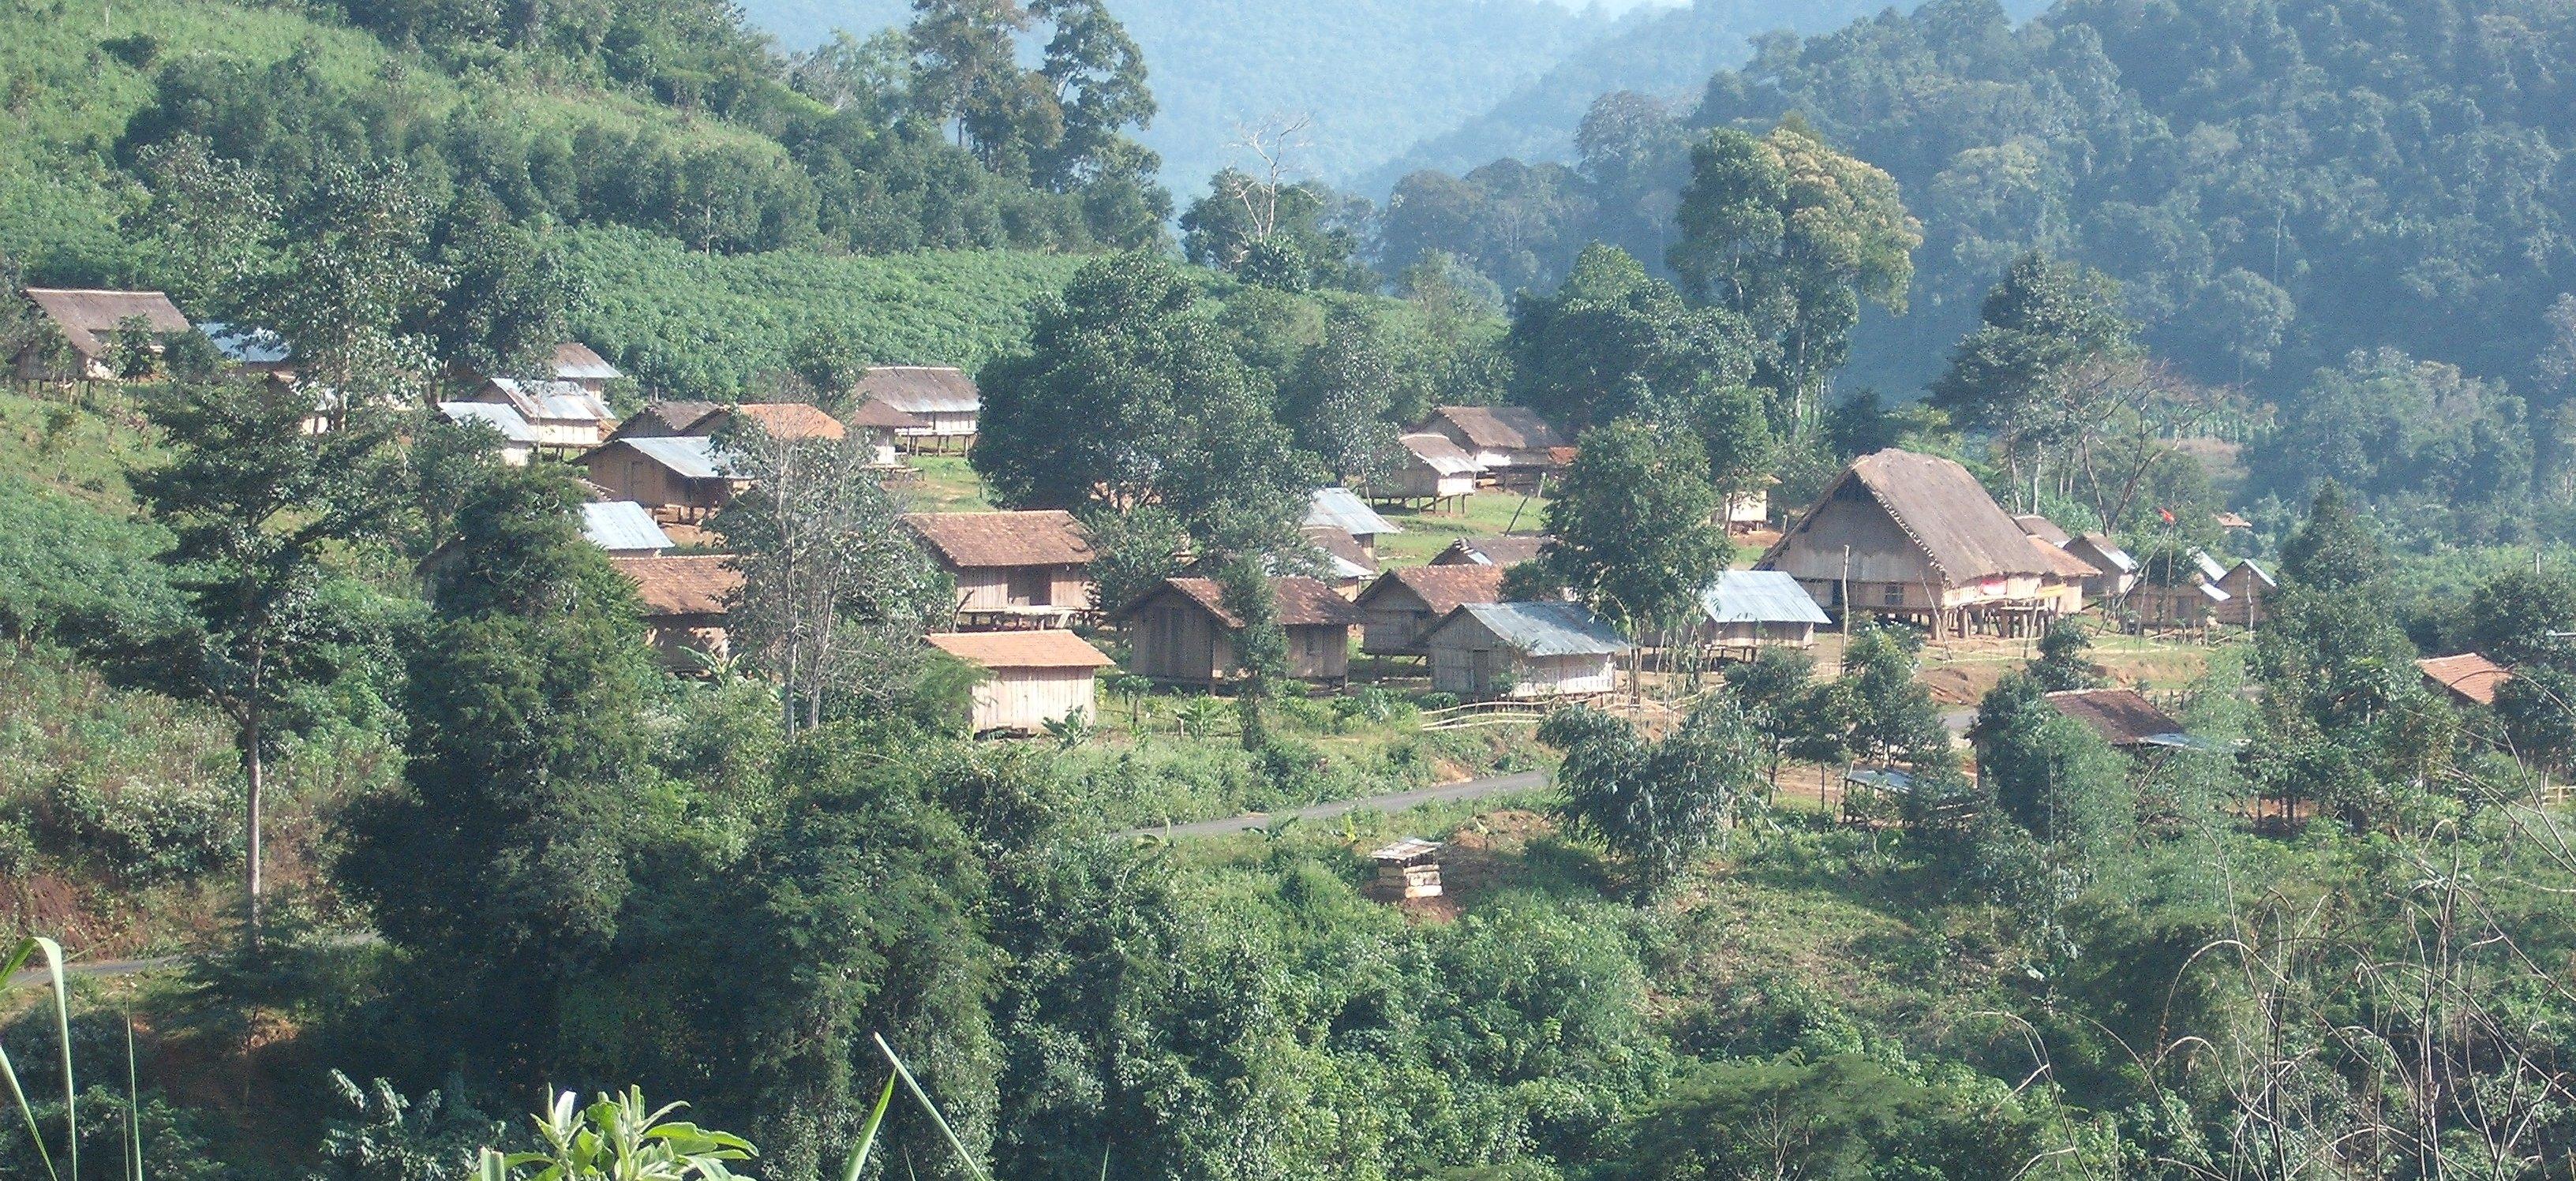 Village 90 km from Kontum-crop